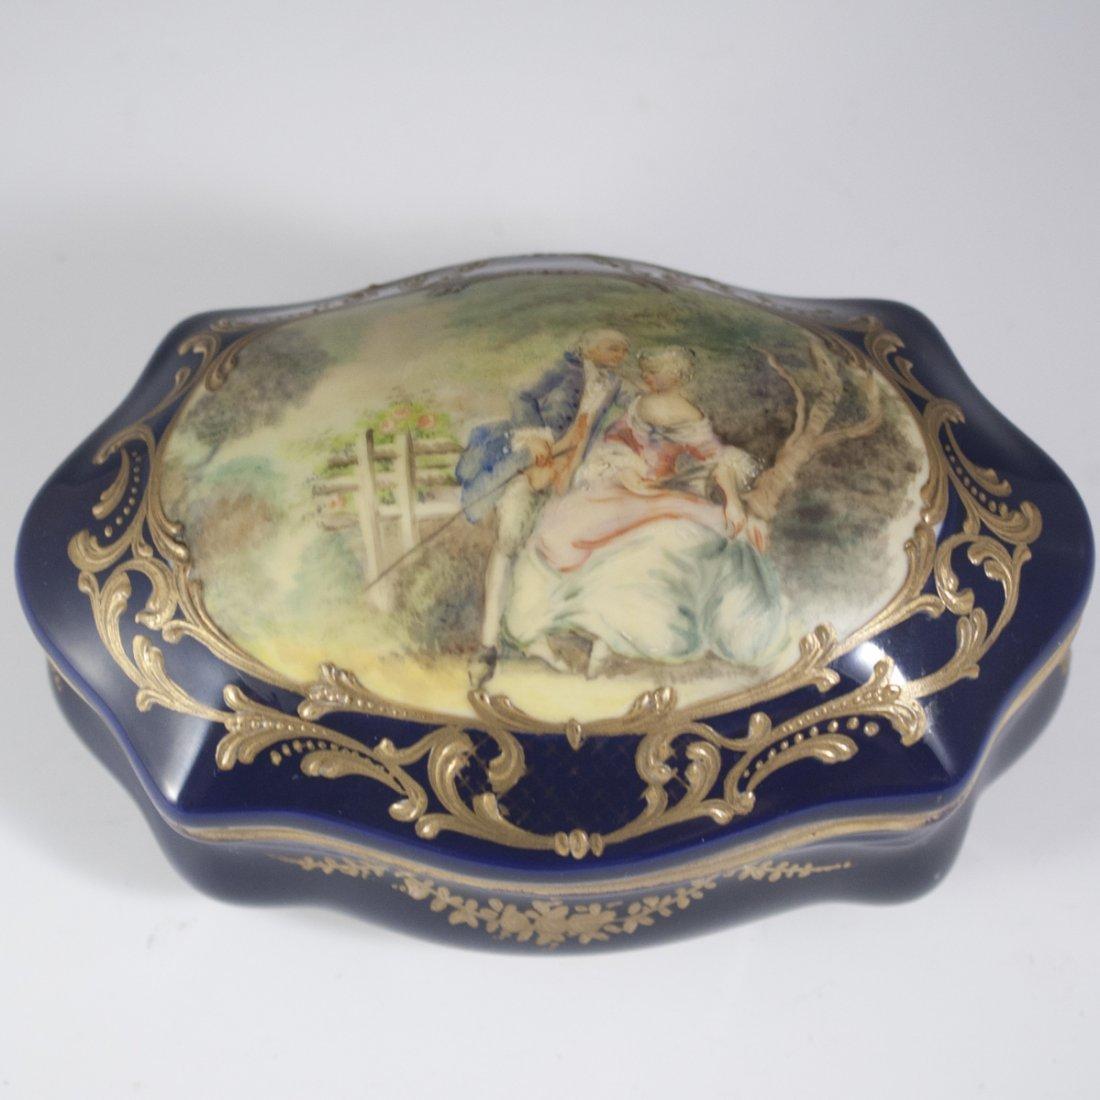 Antique Sevres Porcelain Trinket Box